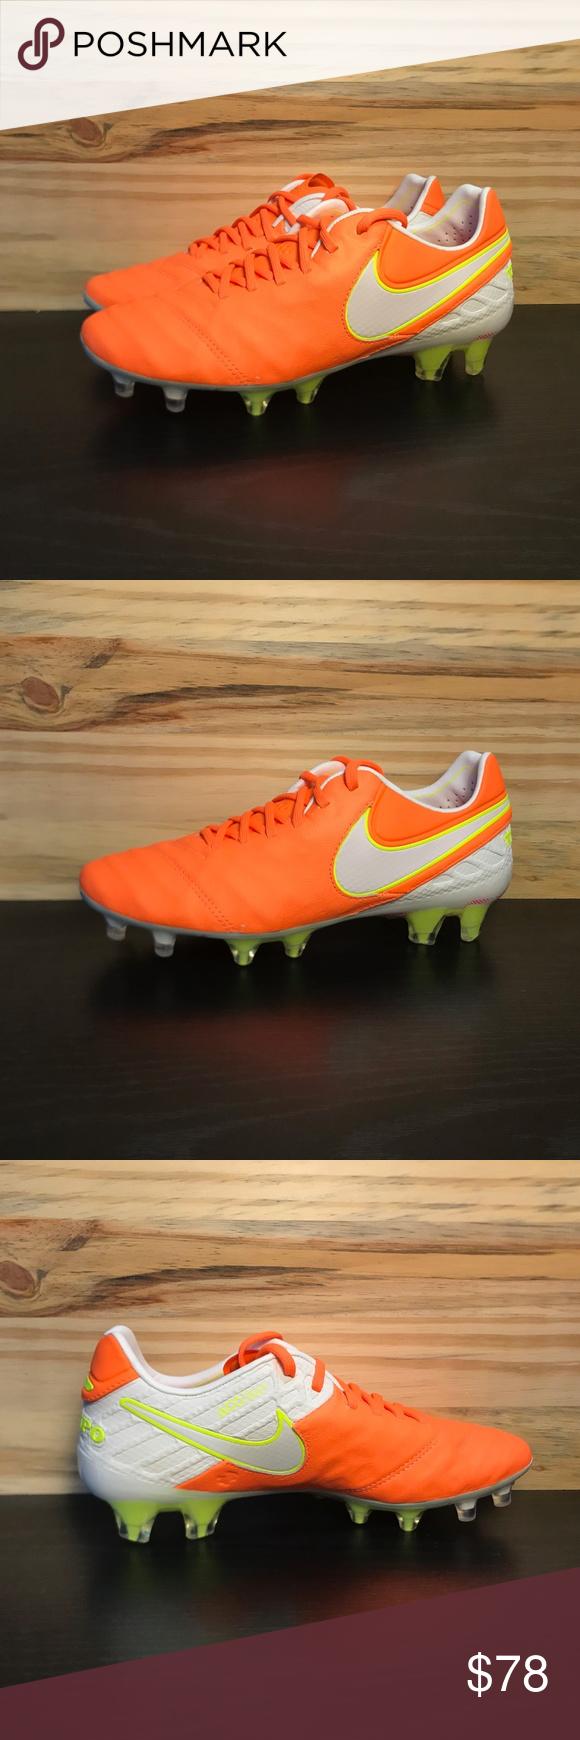 ff55fd2e73ab Nike Women's Tiempo Legend VI FG ACC Soccer Cleats Brand new & 100% Nike  authentic